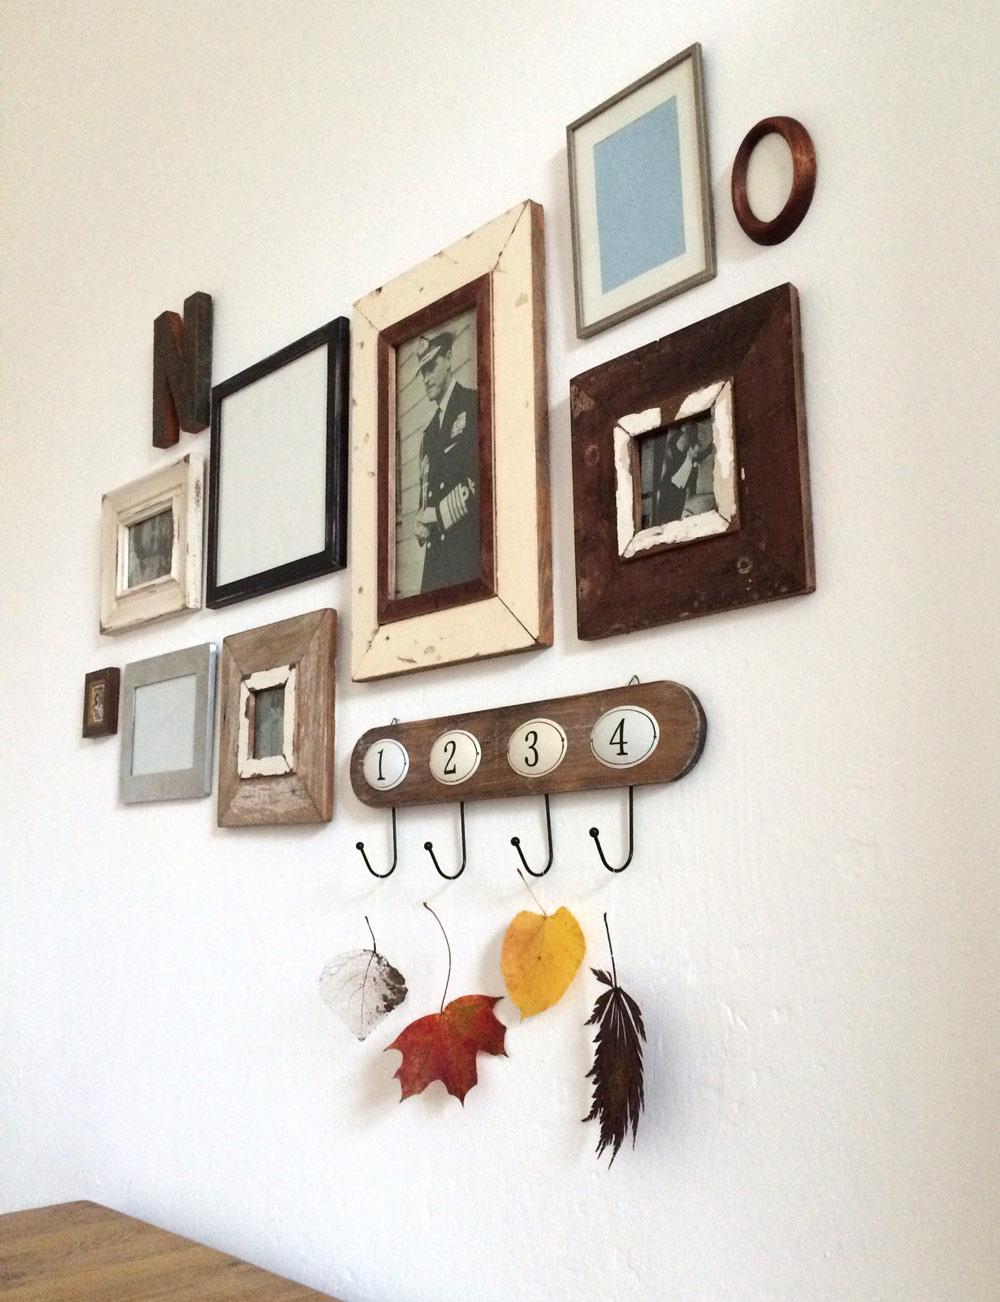 Bilderrahmen-Anordnung mit Herbstlaub